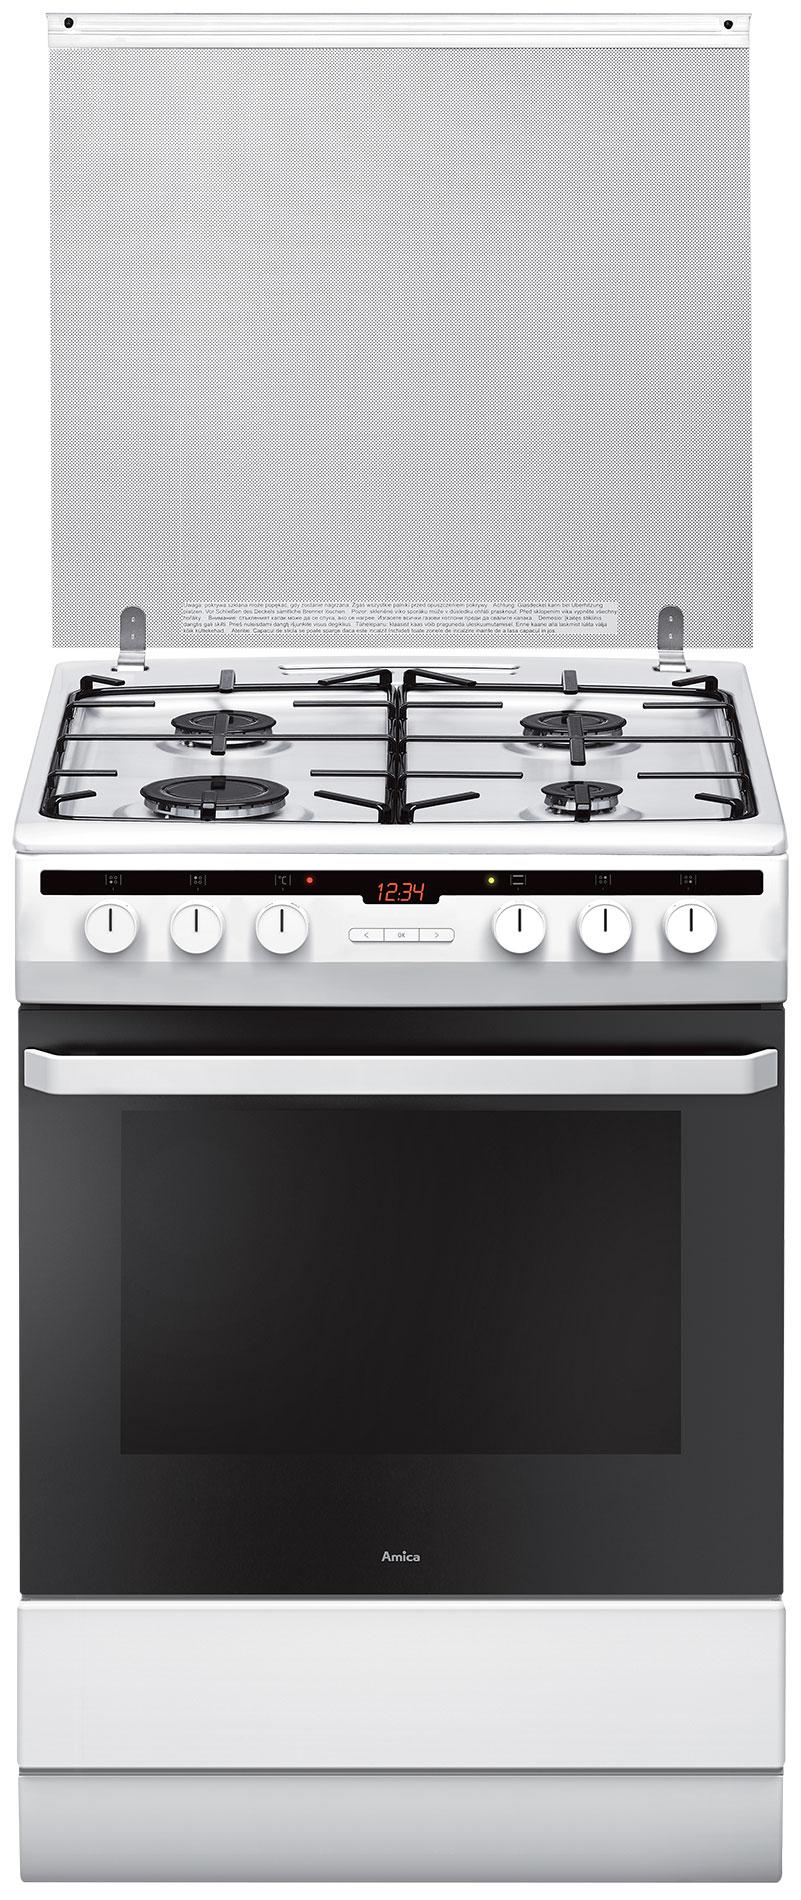 Kuchnia wolnostojąca gazowo elektryczna 618GES3 43HZpTaDNQ(W)  Amica -> Kuchnie Gazowe Elektryczne Amica